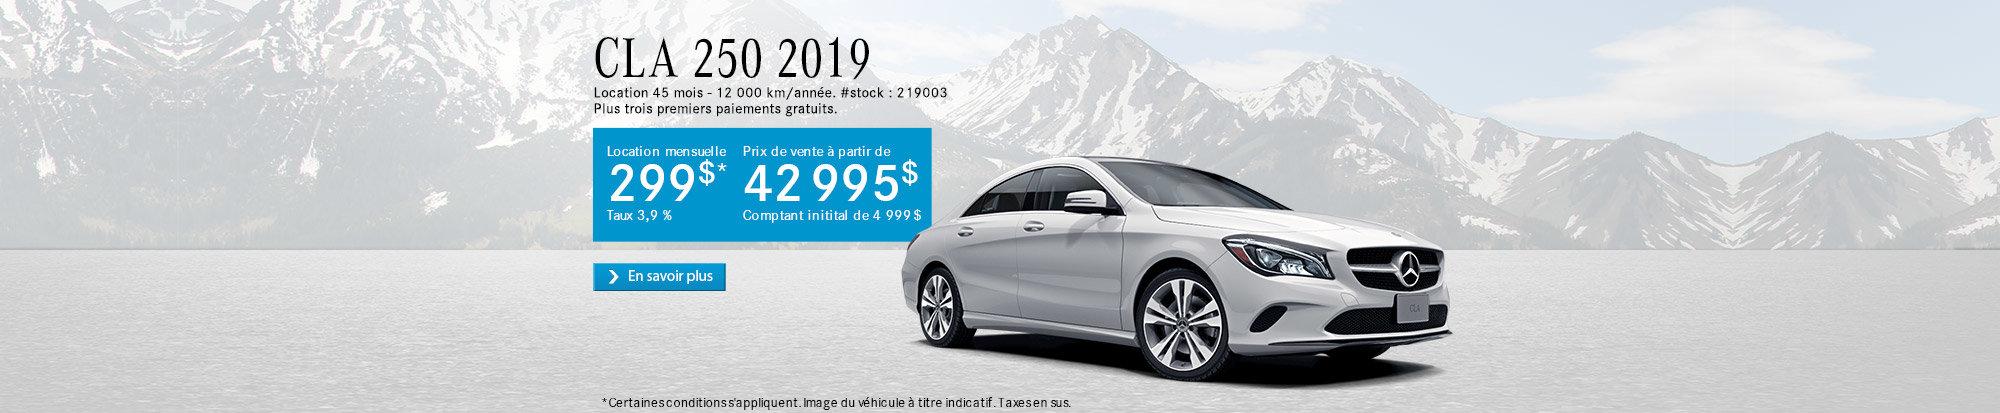 CLA 250 2019 - web